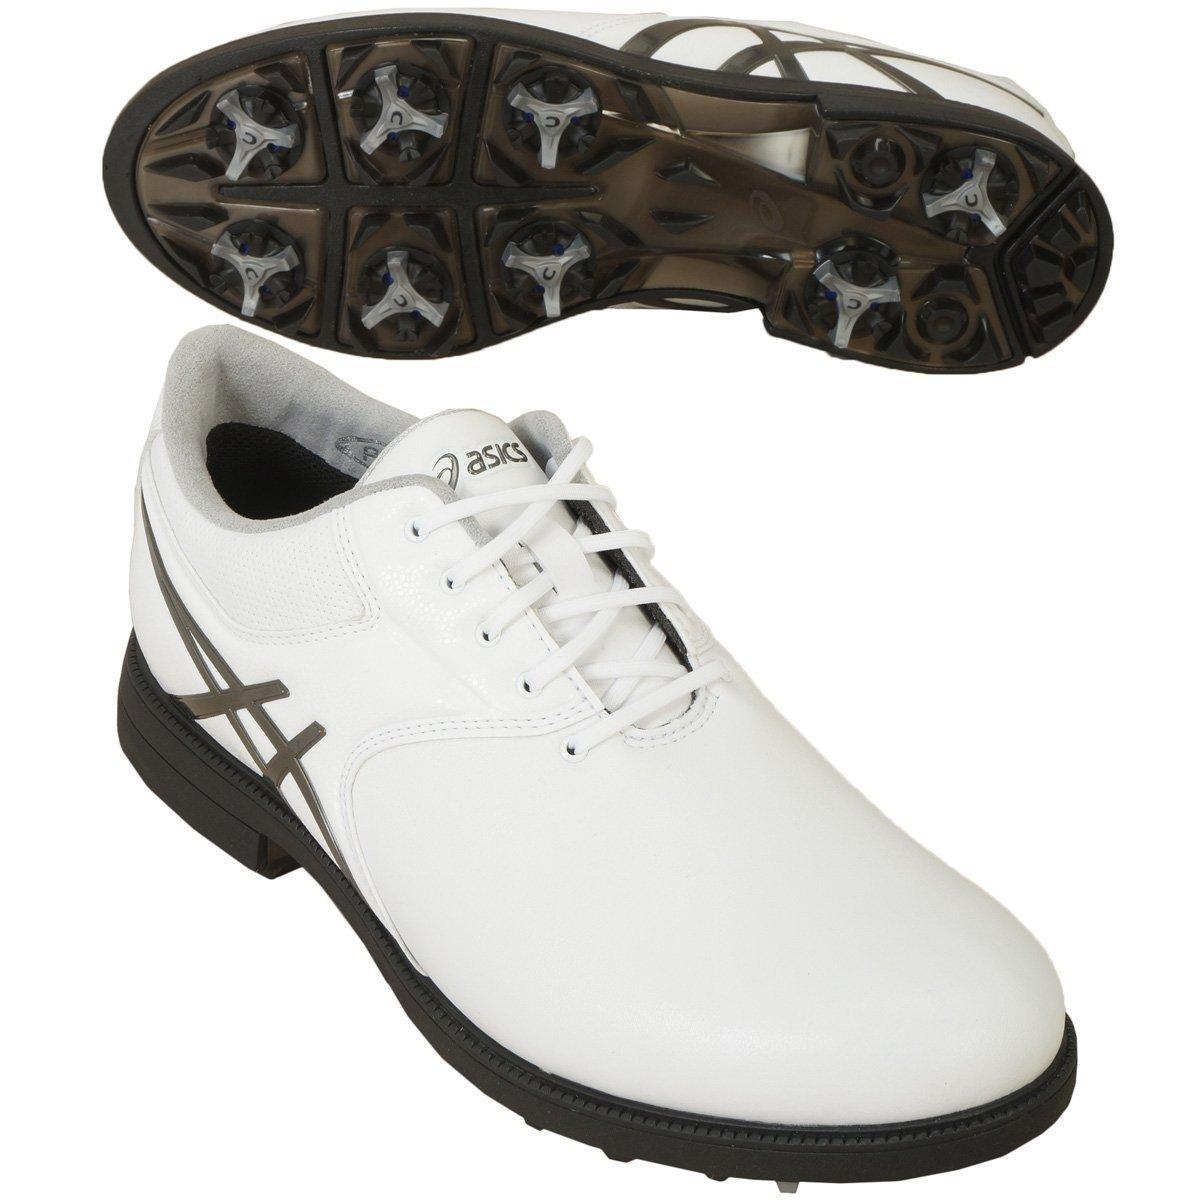 asics(アシックス) ゲルエース レジェンドマスター2 ゴルフシューズ  TGN918 ホワイト/ガンメタル 26.0cm   B01ITC0C8K